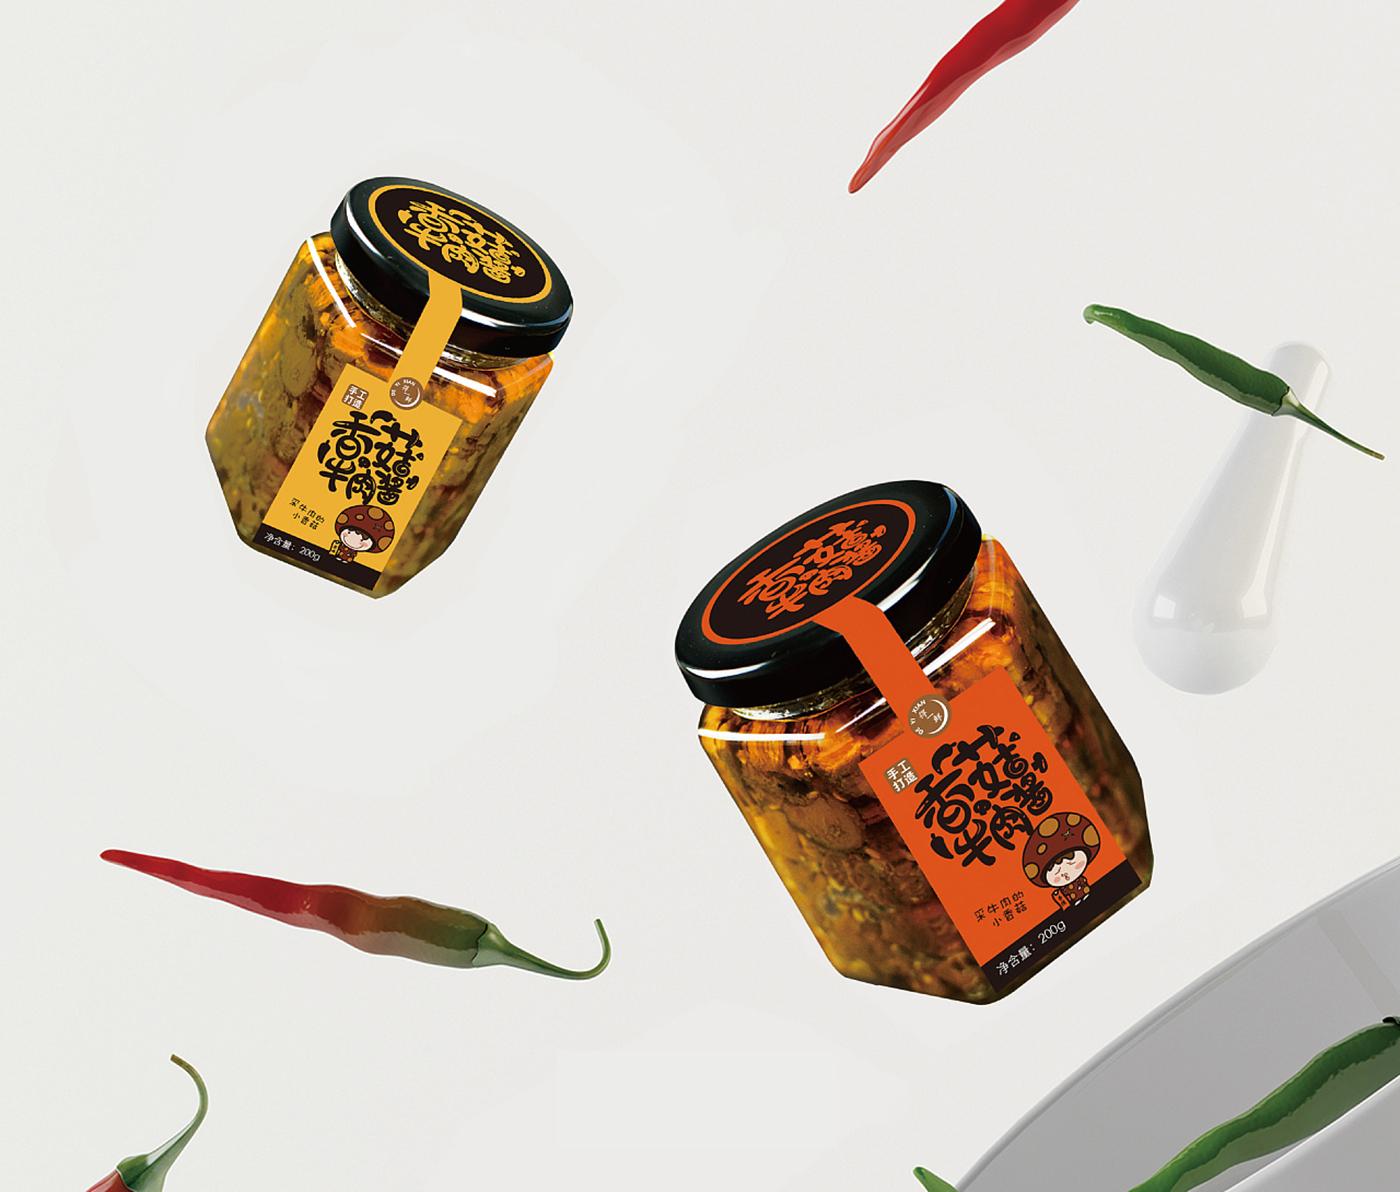 得一鲜品牌设计香菇酱品牌设计图3